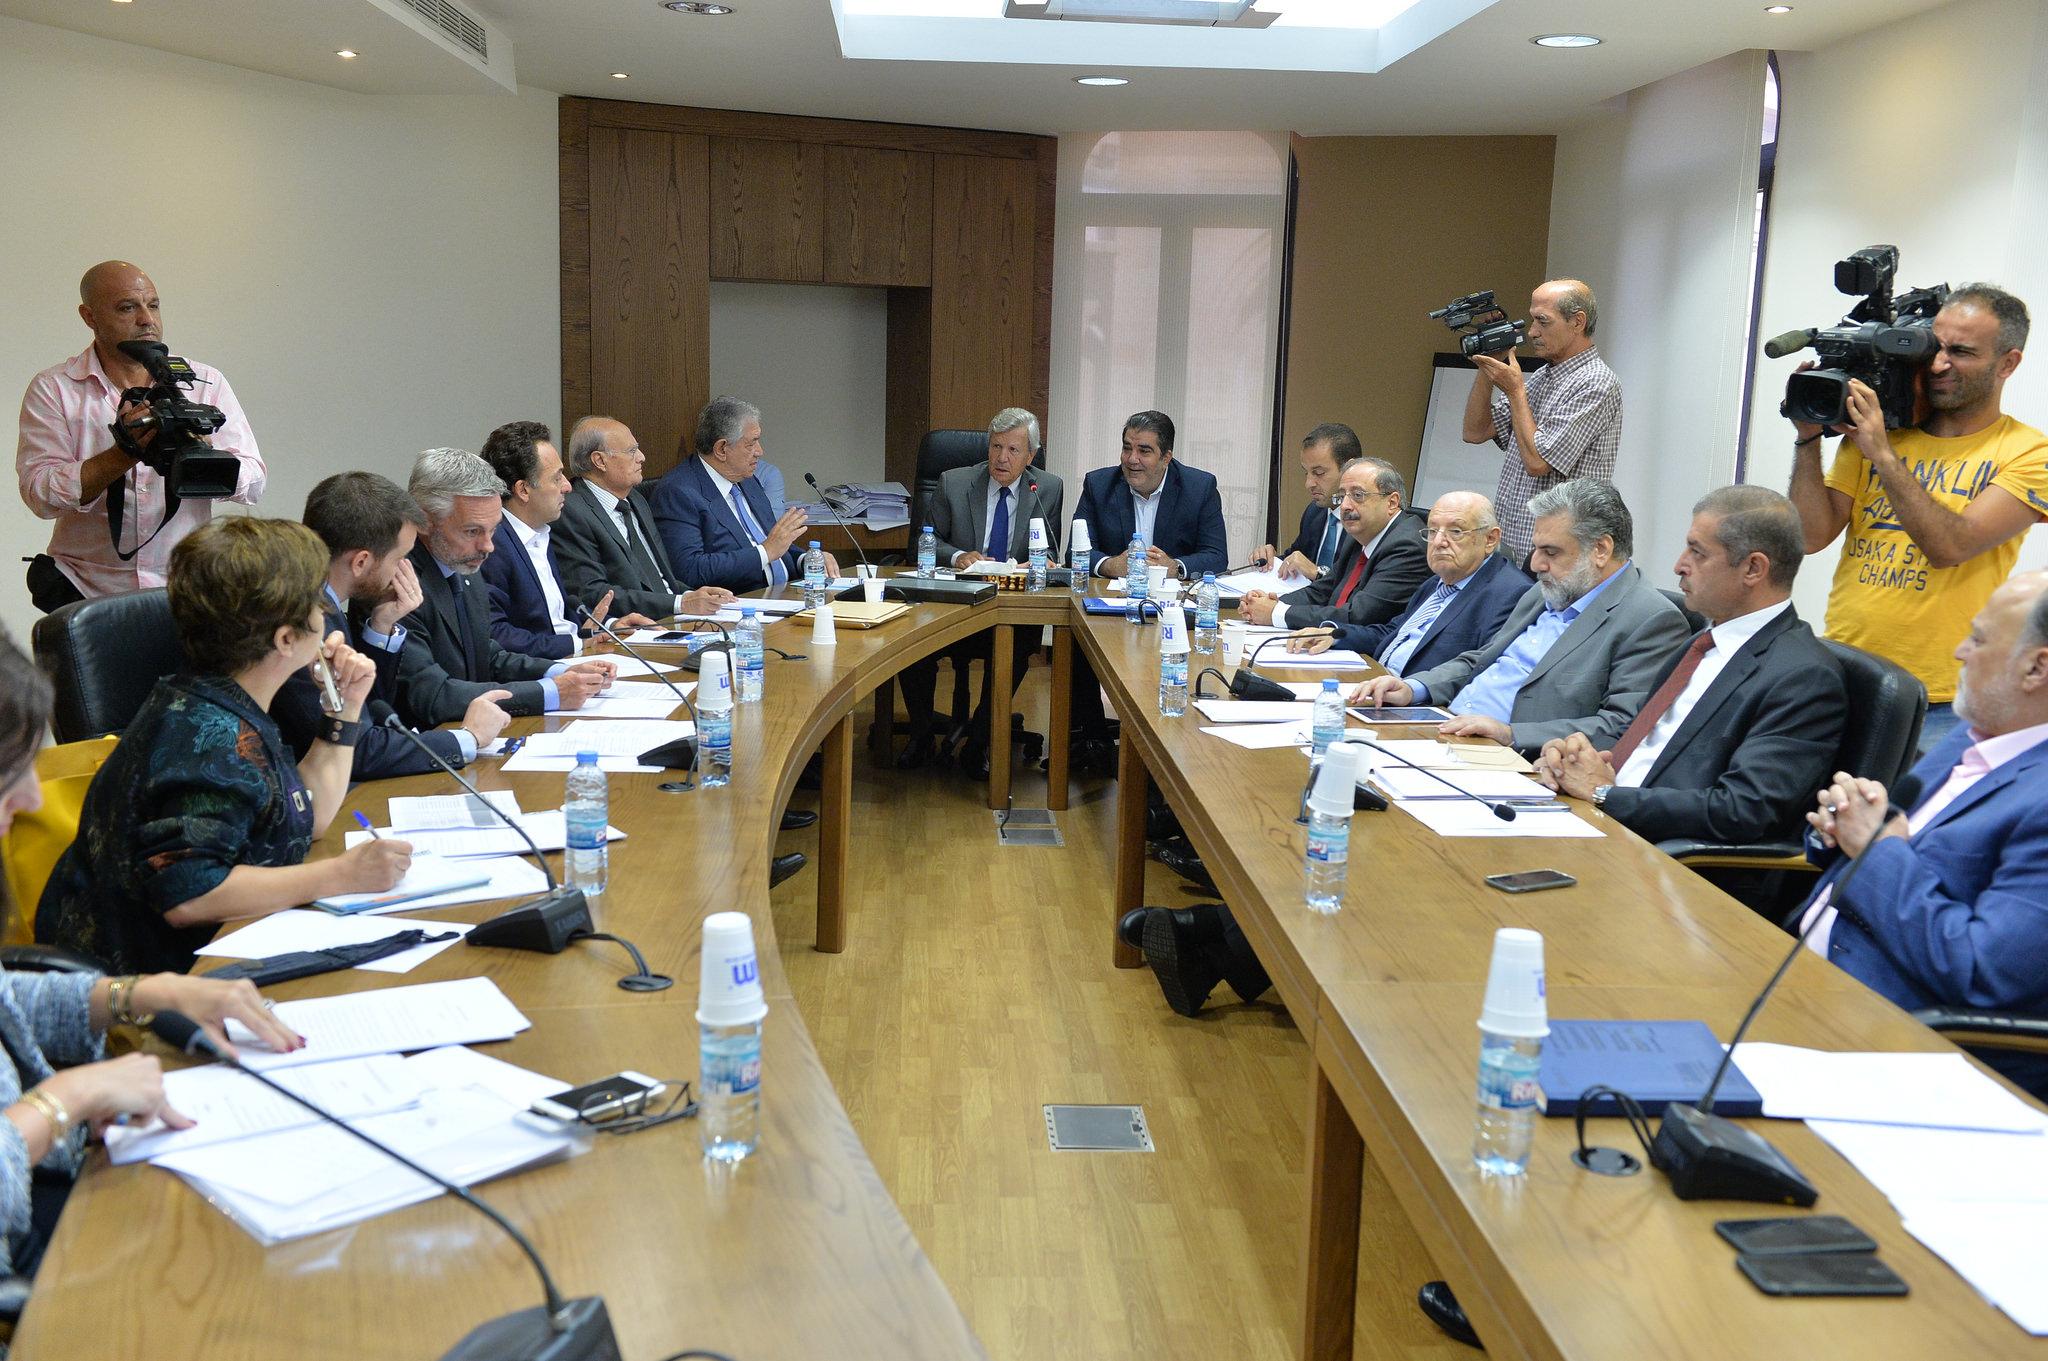 لبنان يتحجج بالأوضاع السائدة لعدم تطبيقِ معايير حقوقِ الانسان-دينا أبي صعب